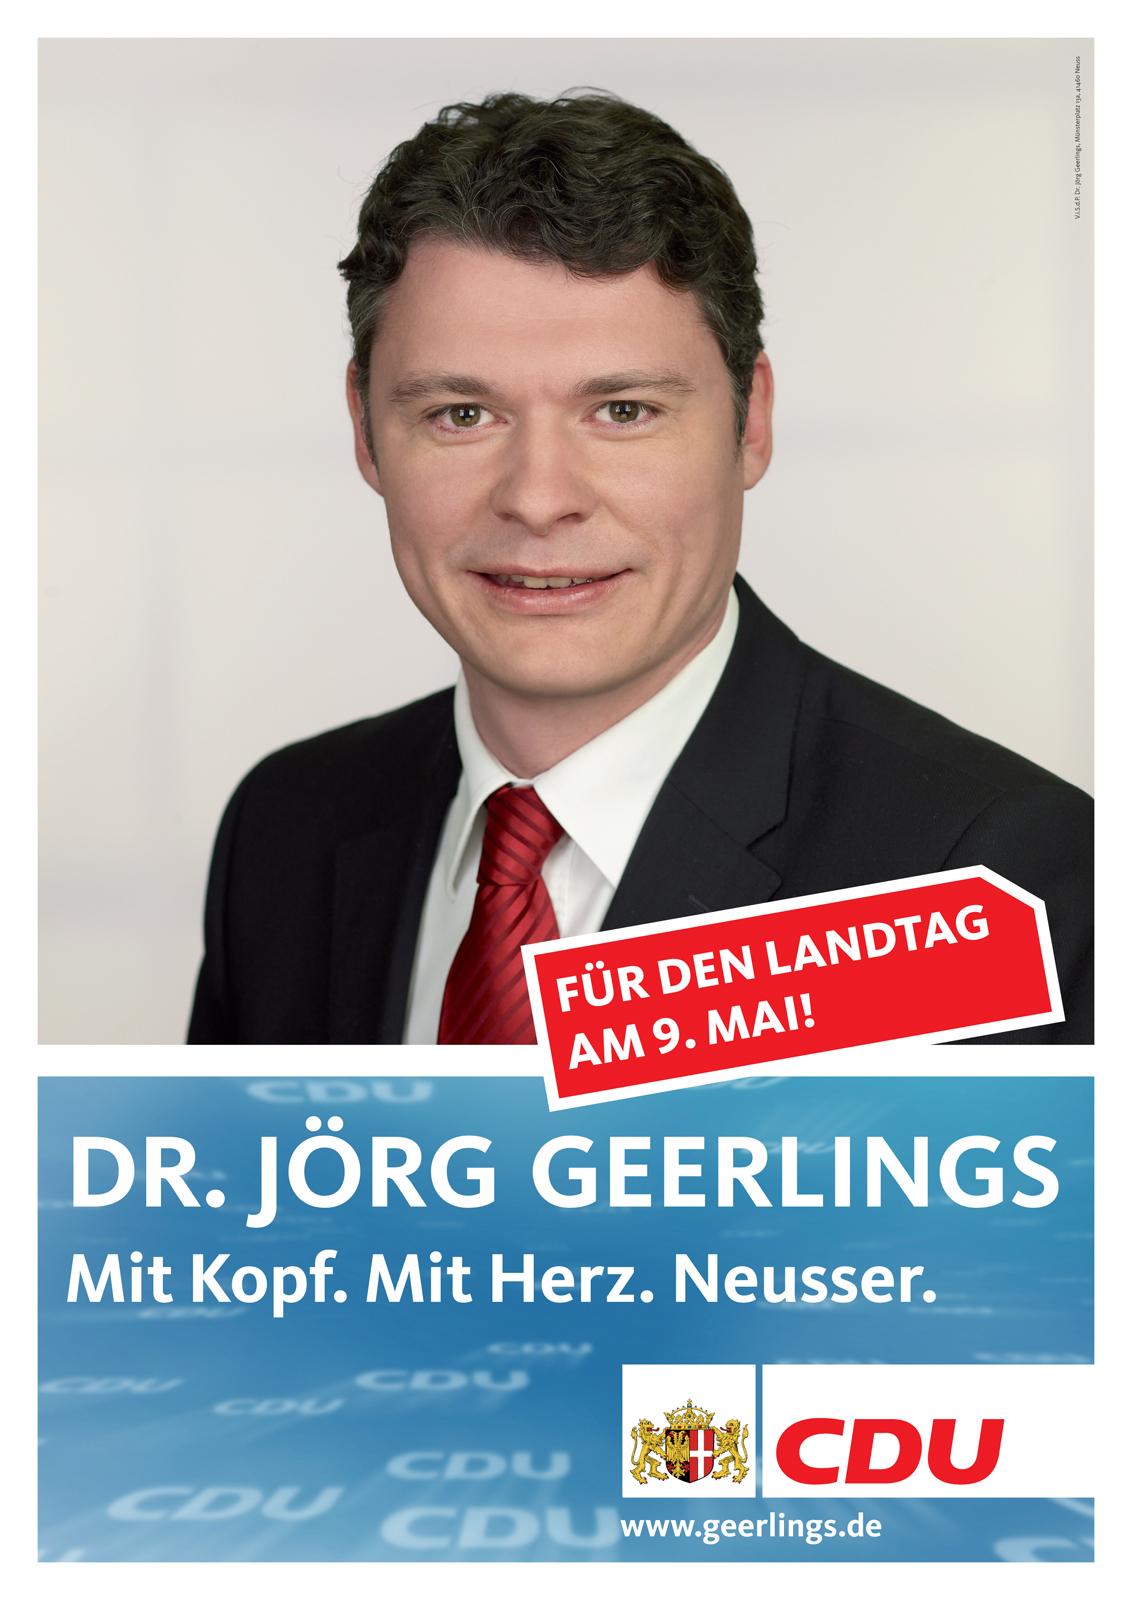 Plakat zur Landtagswahl 2010